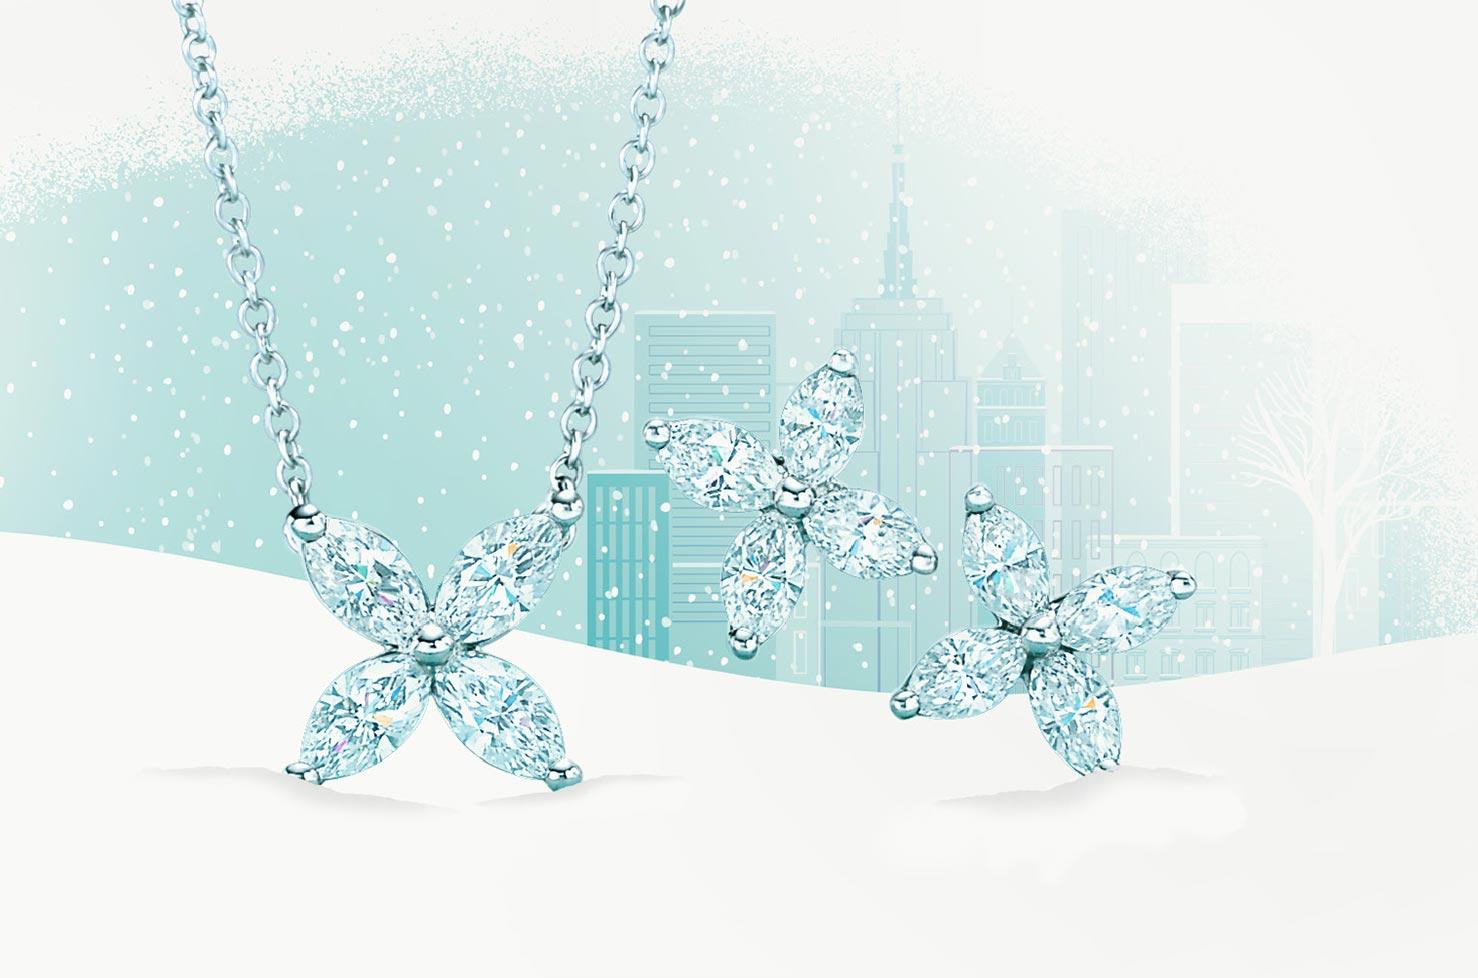 晶盈假日,Tiffany 讓妳與冰雪相伴